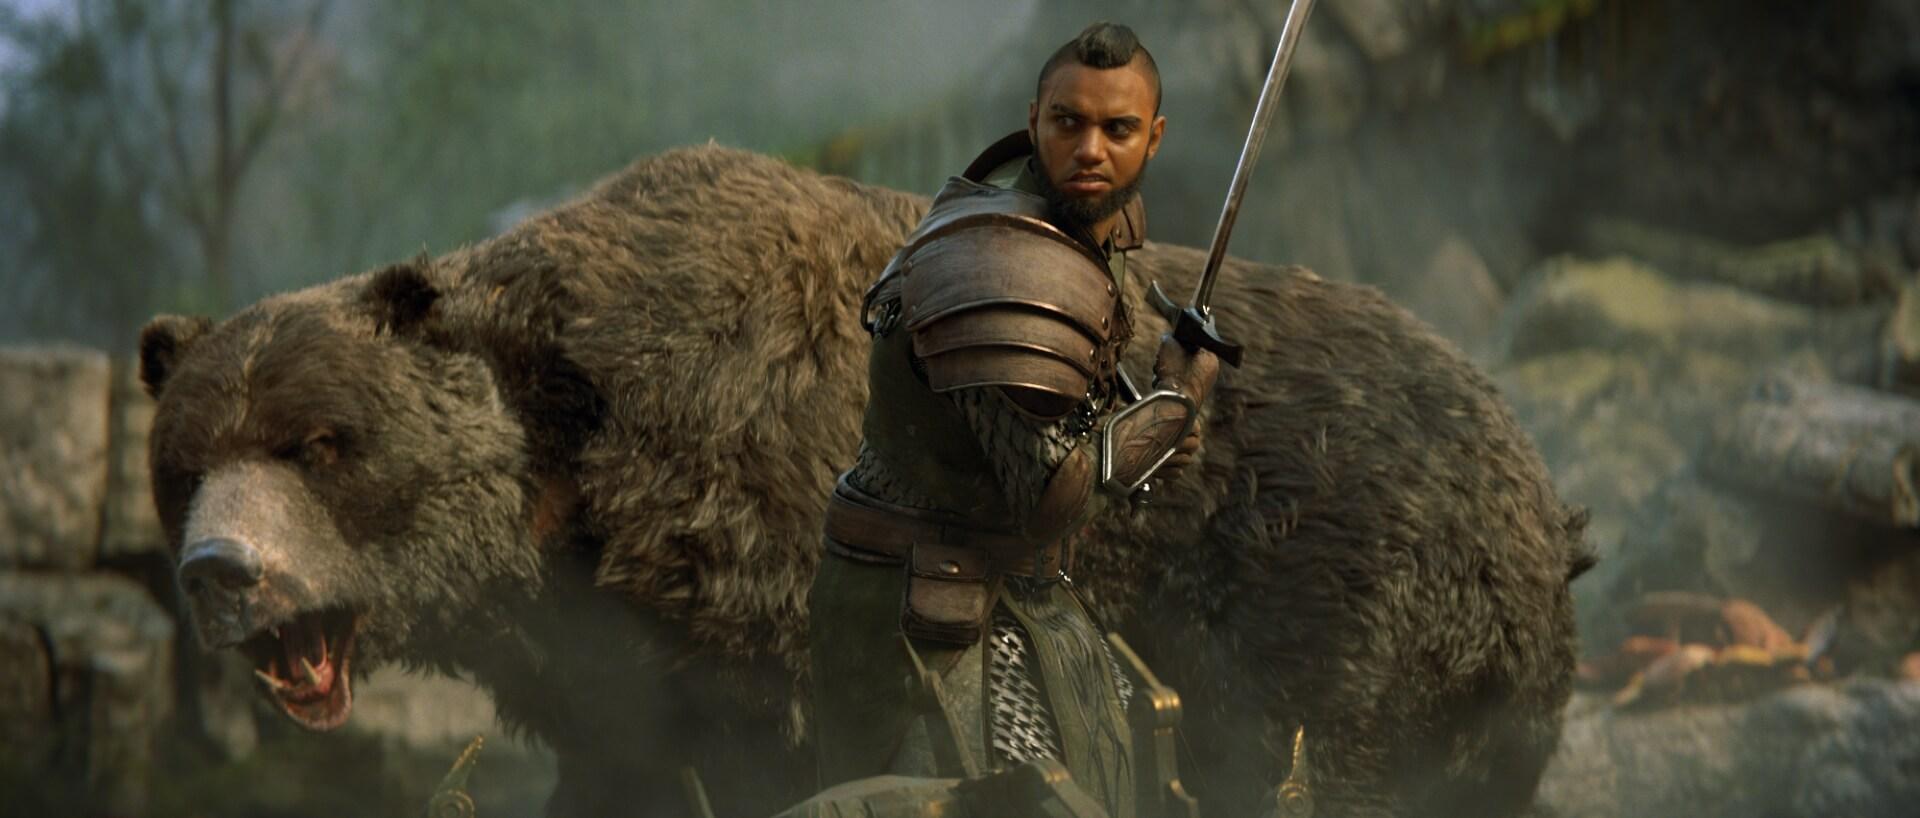 The Elder Scrolls Online: Tamriel Unlimited Morrowind Walkthrough Video